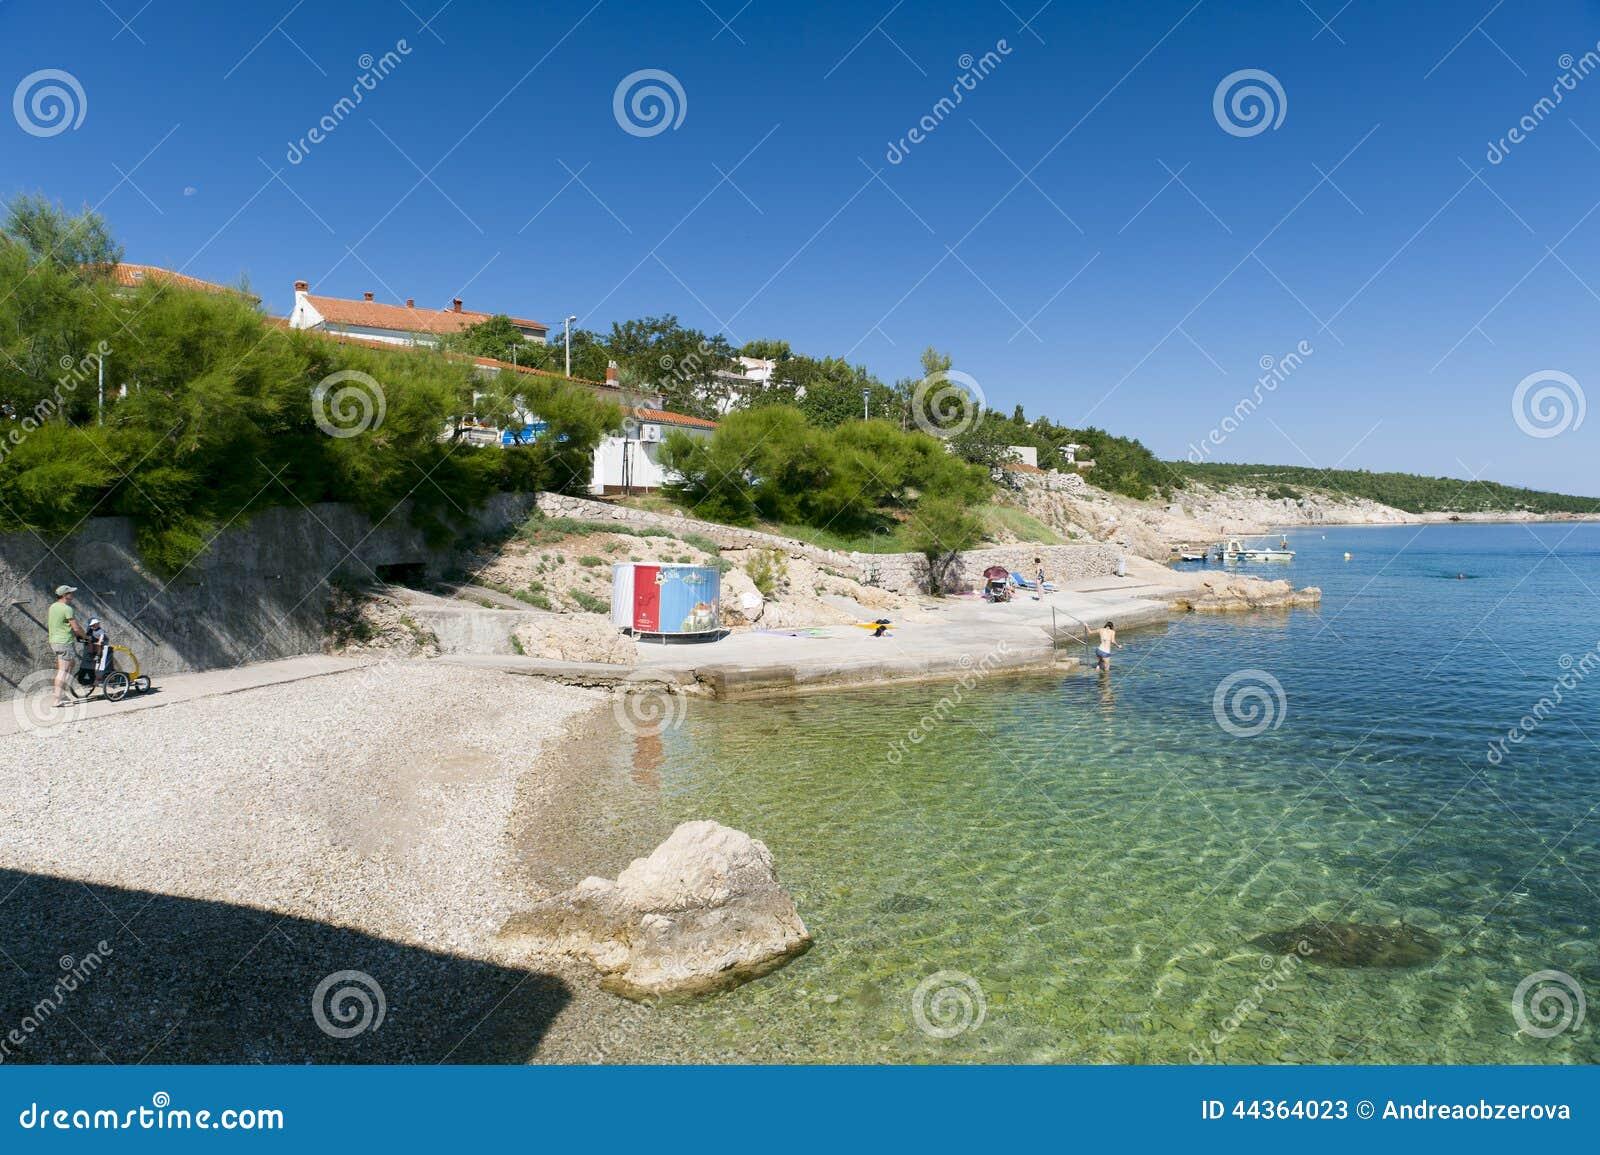 La Croazia, Kvarner, isola di Krk, città del silo